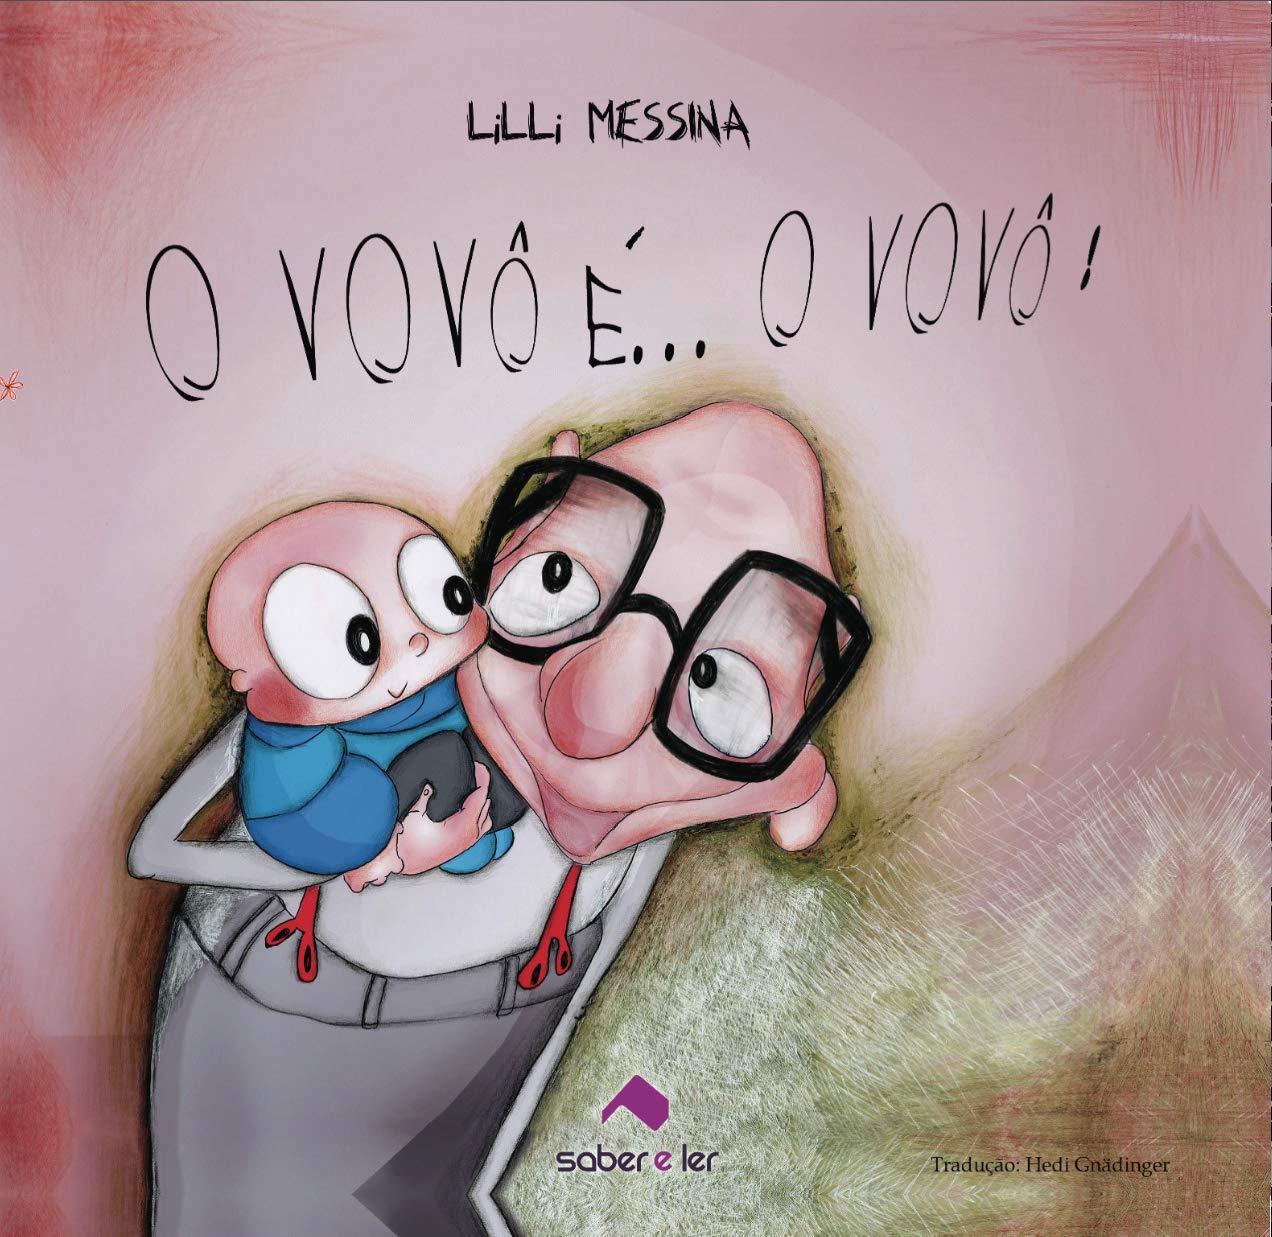 Vovô e ... O vovô!: Lilli Messina: 9788566428001: Amazon.com ...